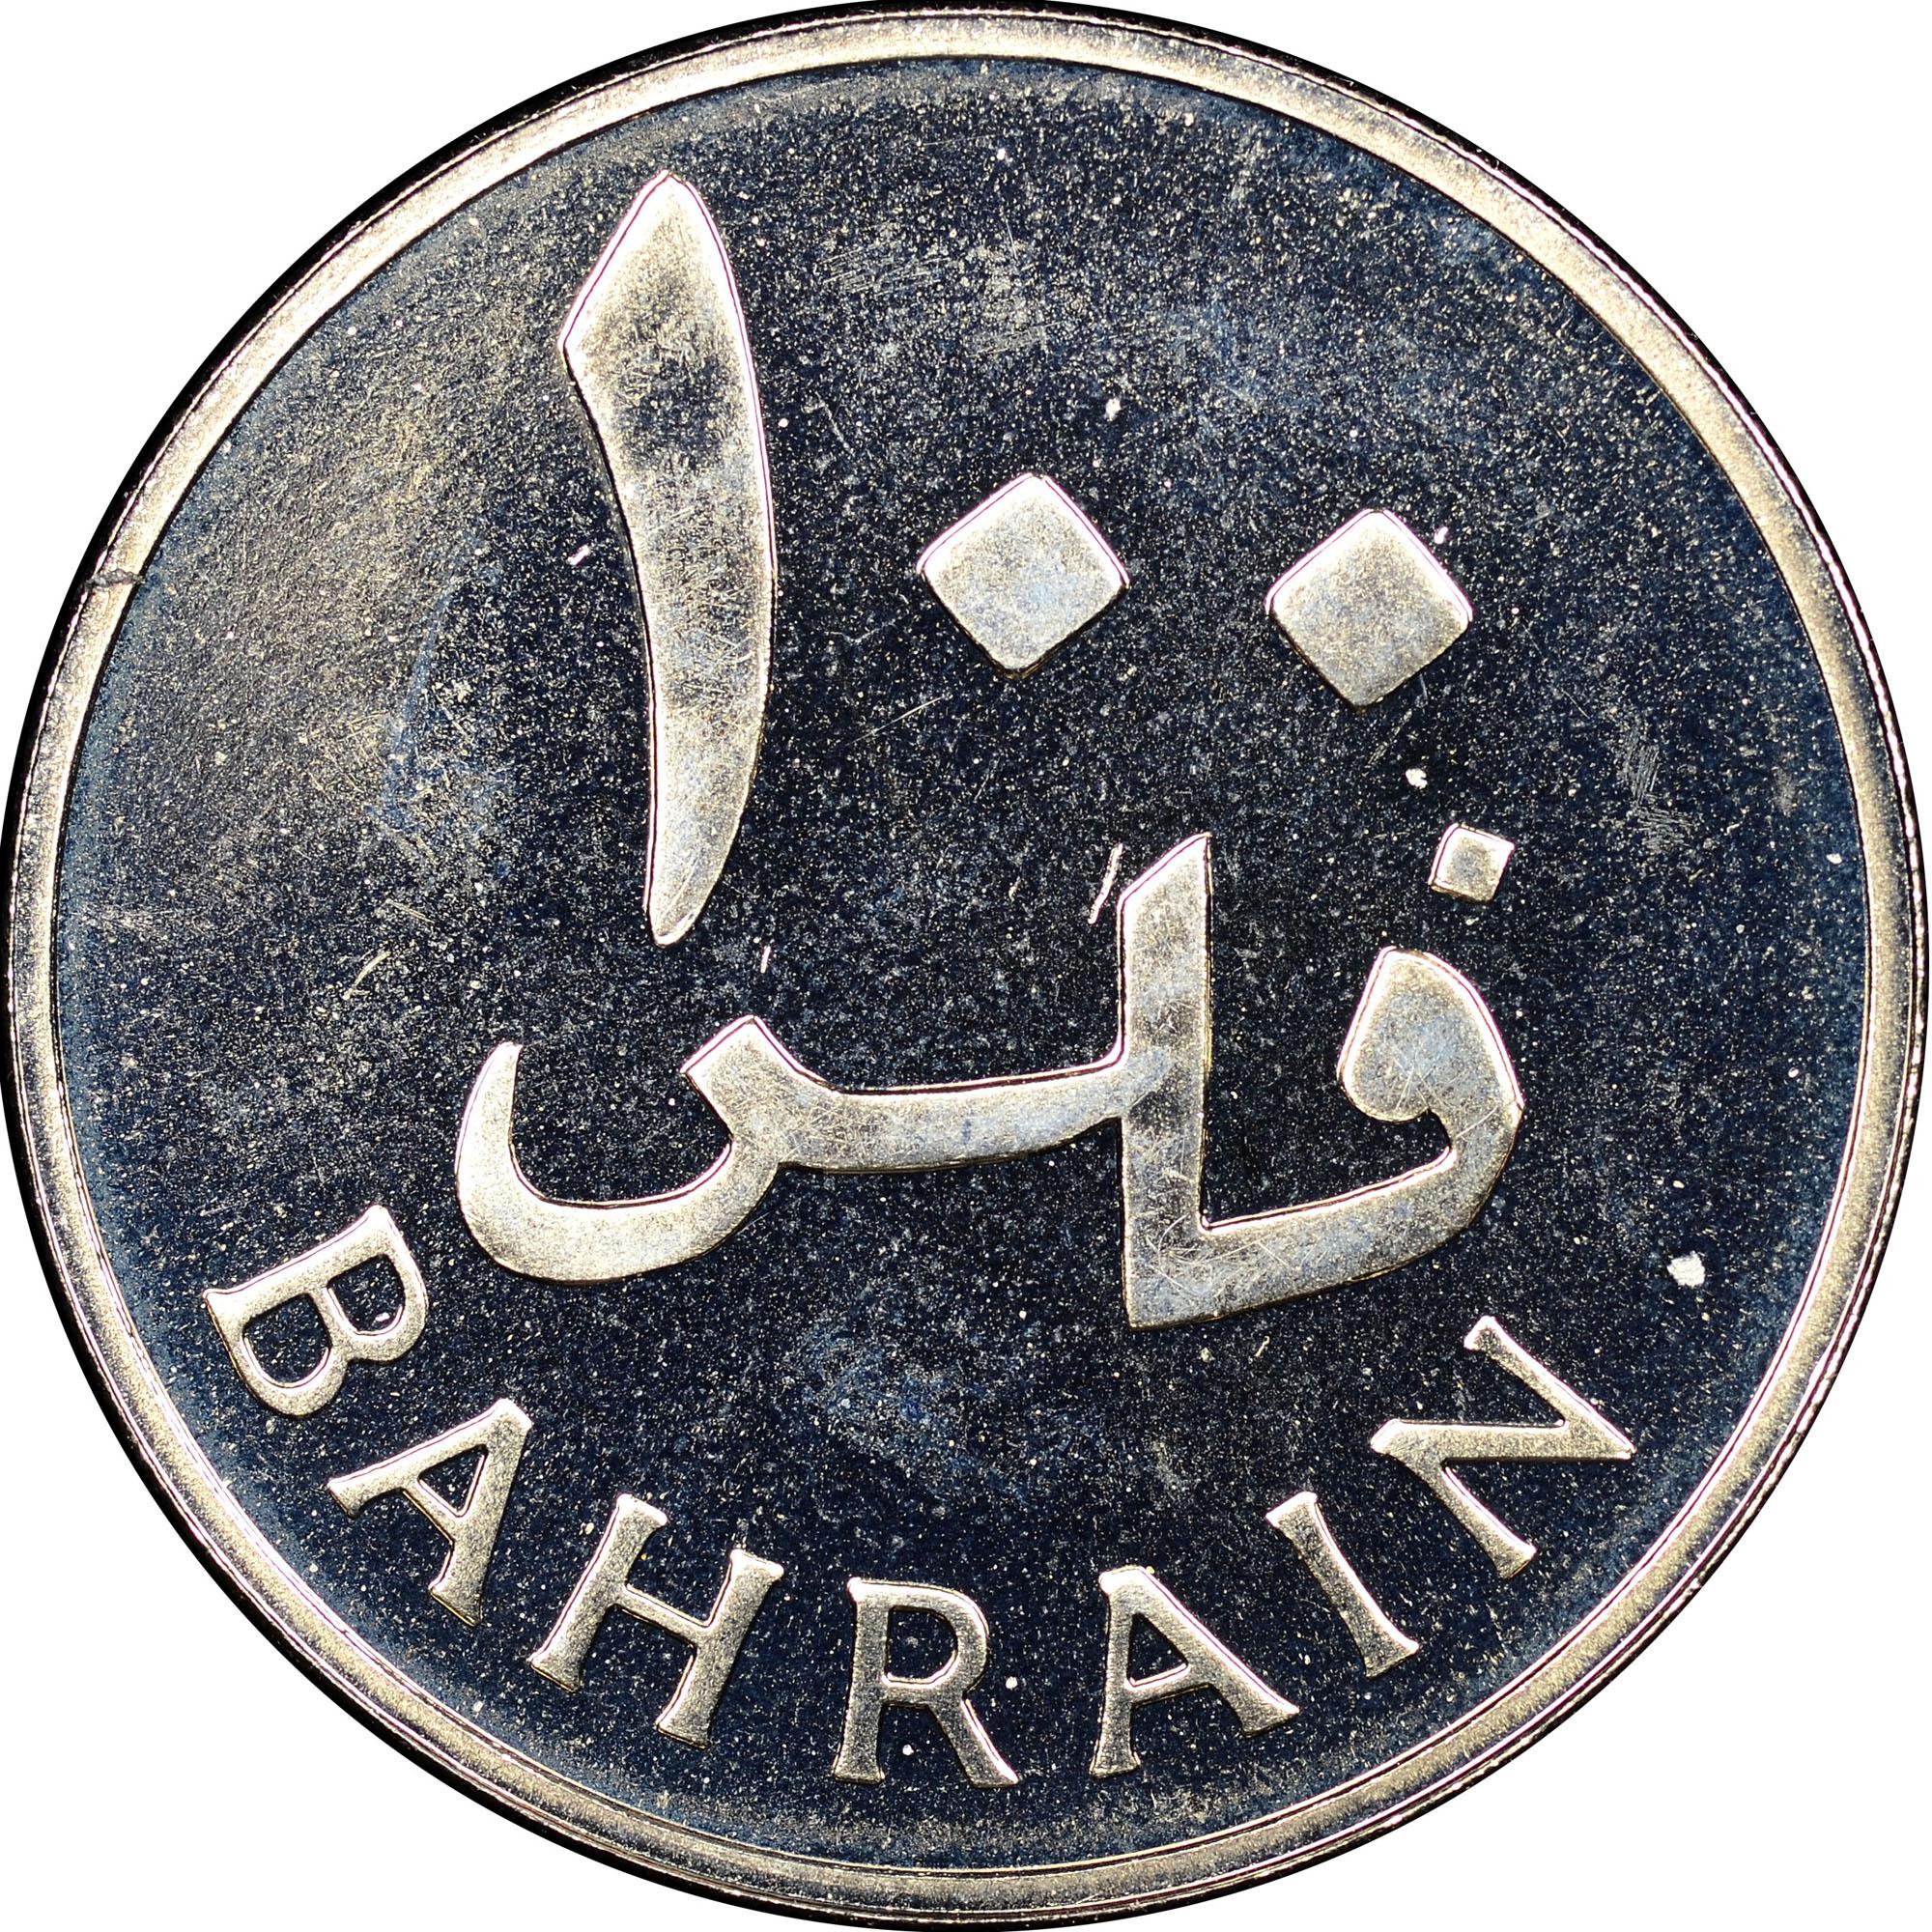 Bahrain 100 Fils reverse